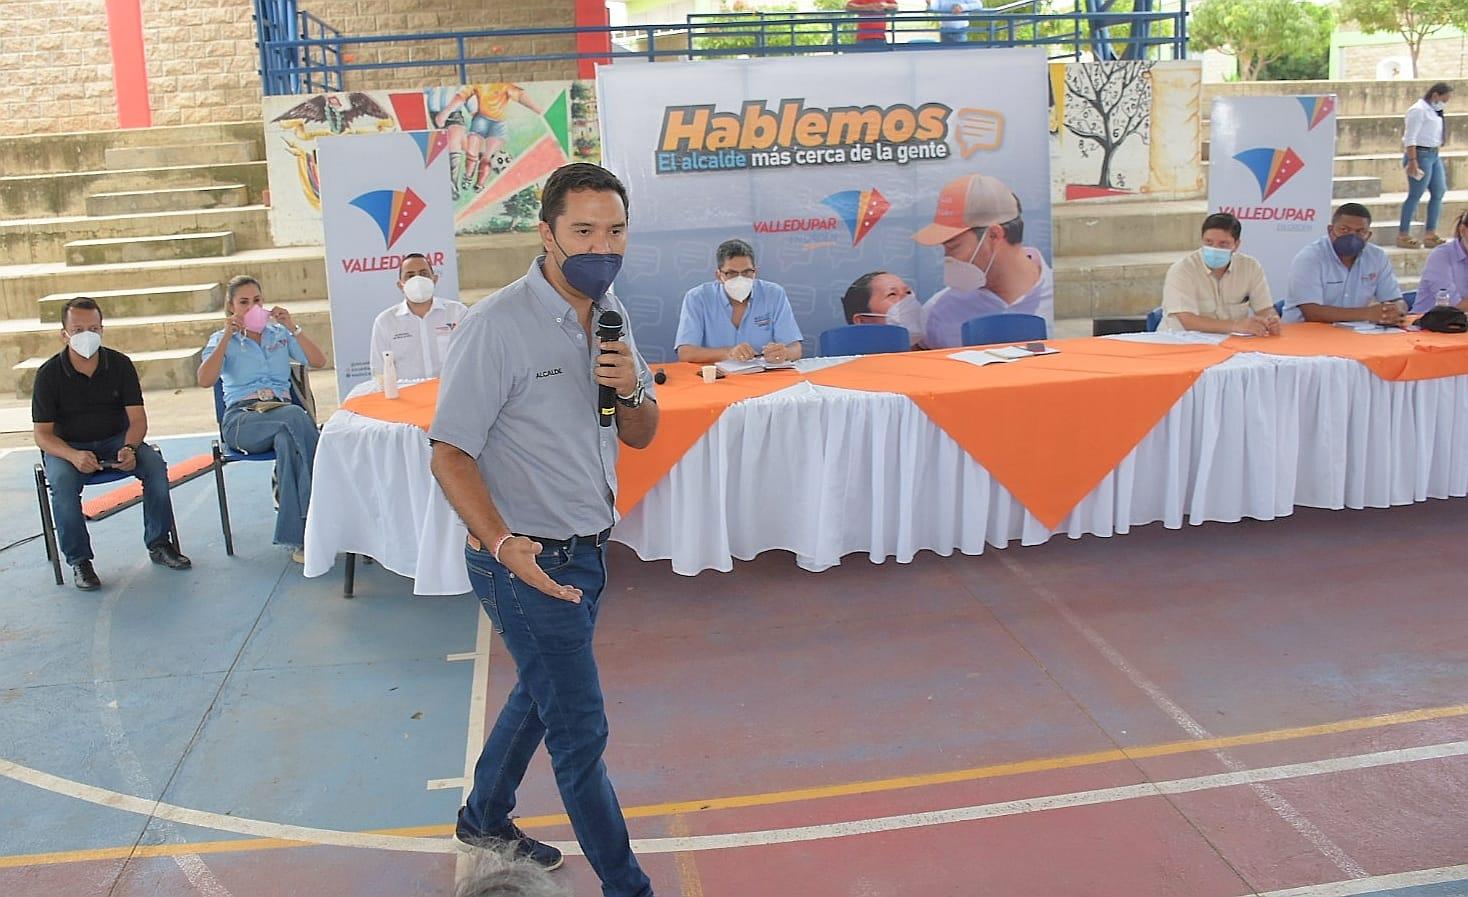 En Valledupar construirán nueva sede del Sena, anunció el alcalde